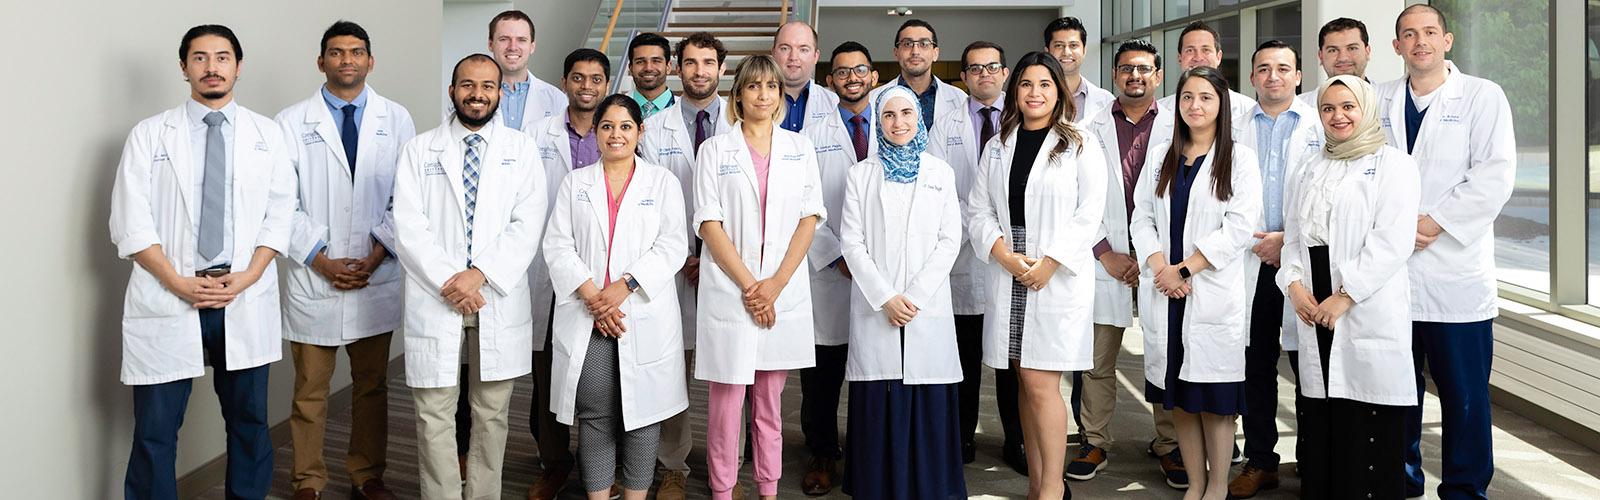 School of Medicine Class of 2021